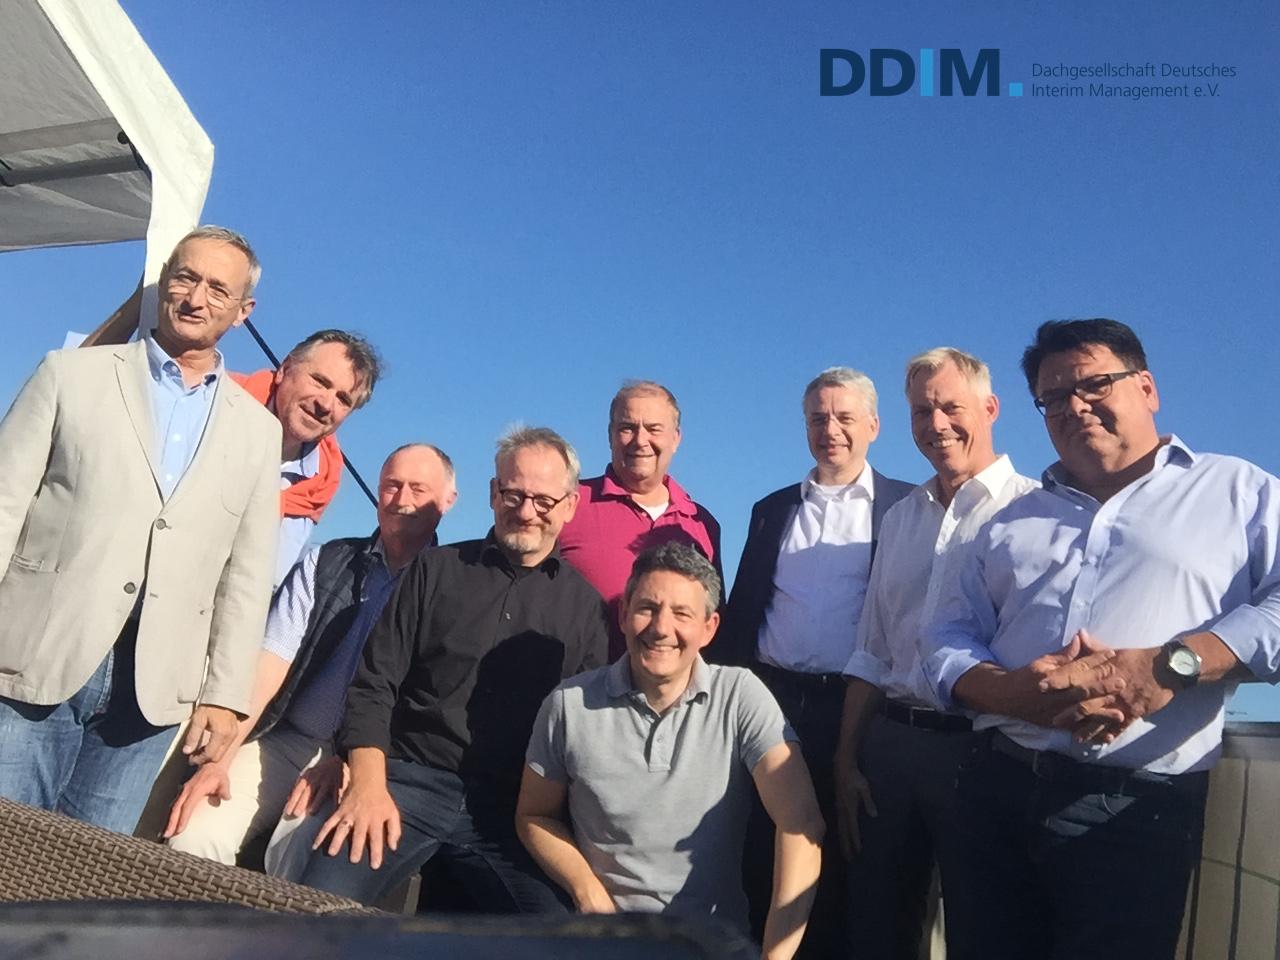 Fachgruppenleiter treffen sich bei der DDIM in Köln